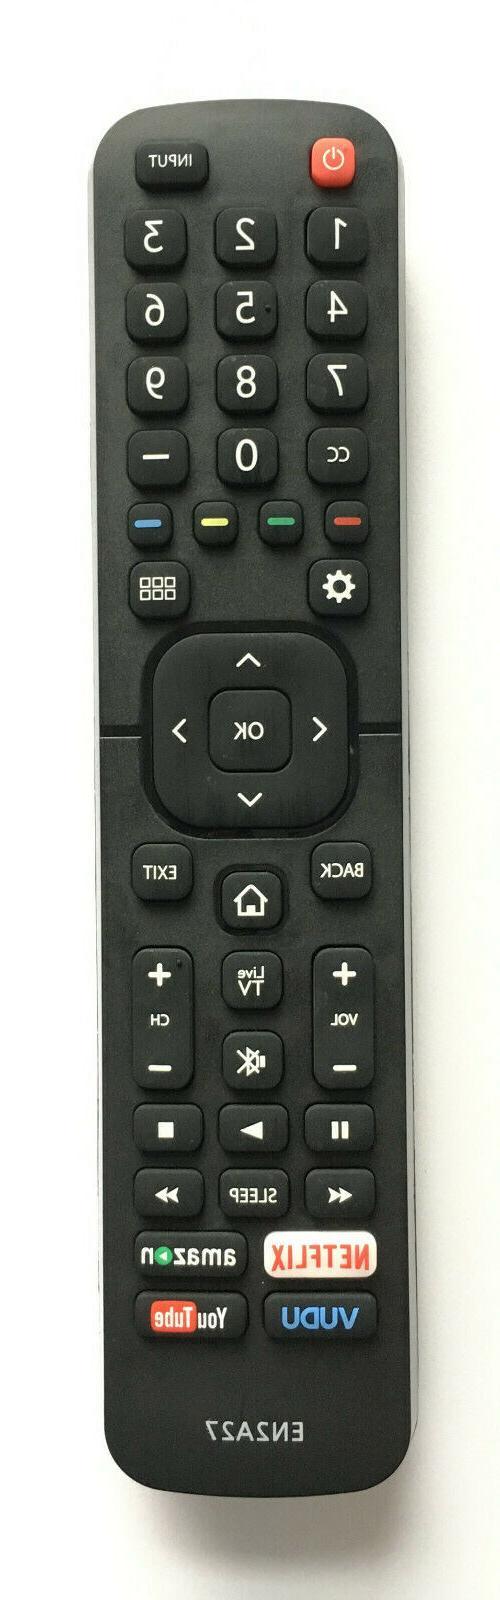 new hisense replacement remote en2a27 for hisense